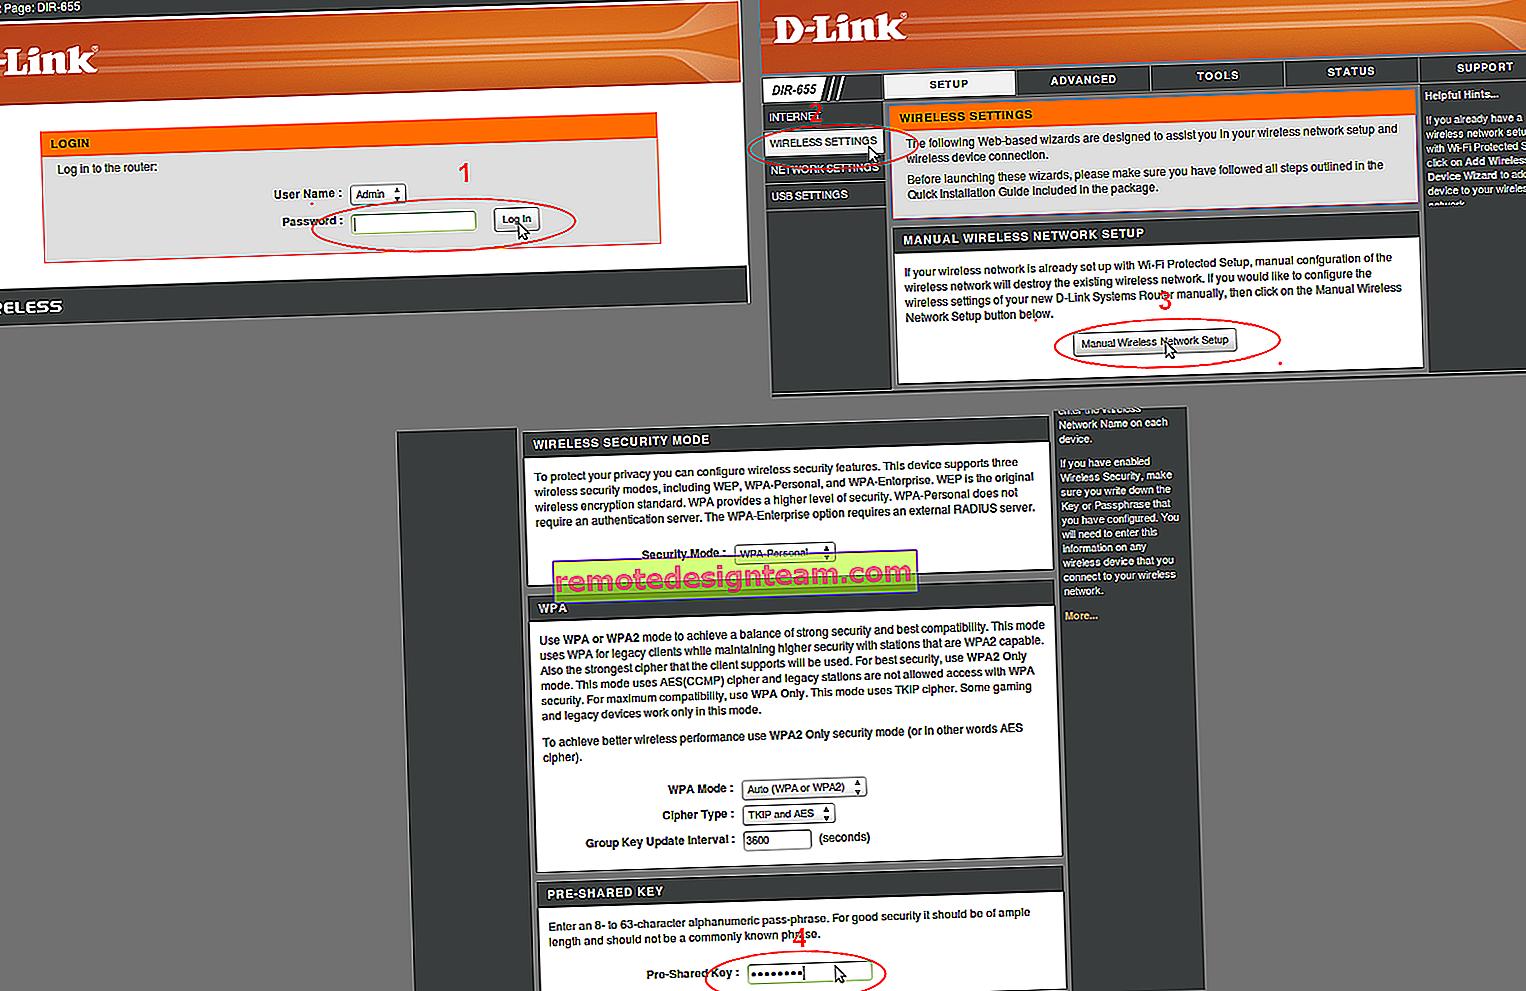 Настройване на Wi-Fi и задаване на парола (промяна на паролата) на безжичната мрежа на D-Link DIR-615